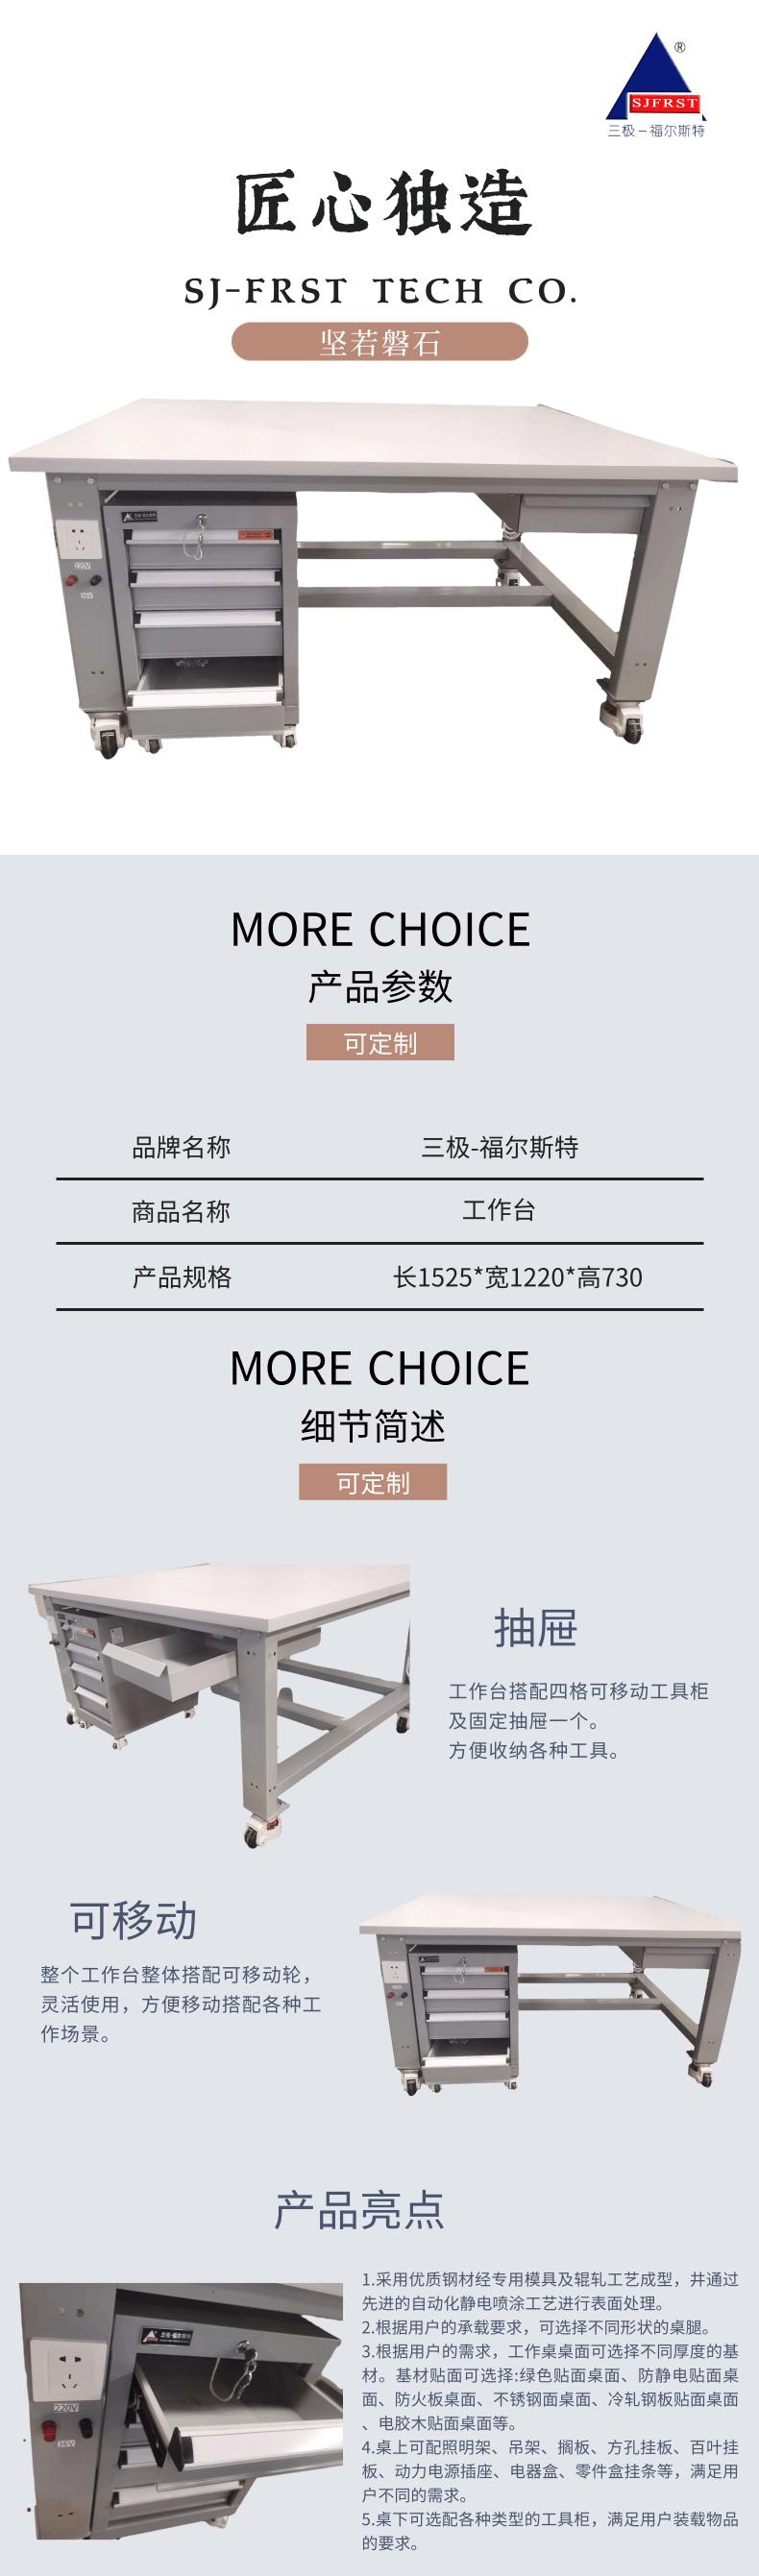 说球帝cba总决赛工作台 (1).png